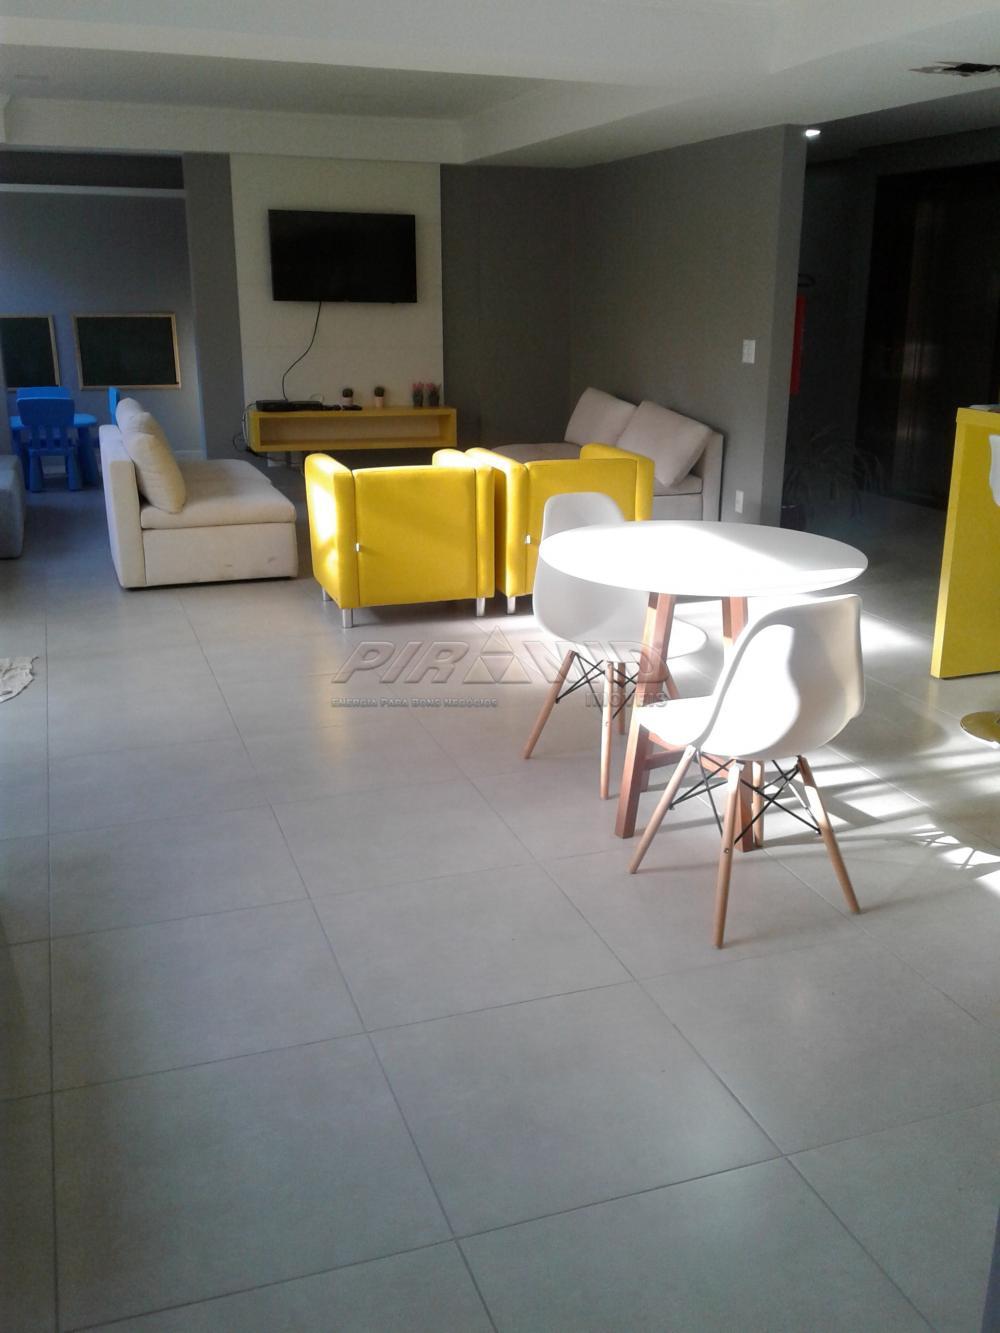 Comprar Apartamento / Padrão em Ribeirão Preto R$ 225.000,00 - Foto 19